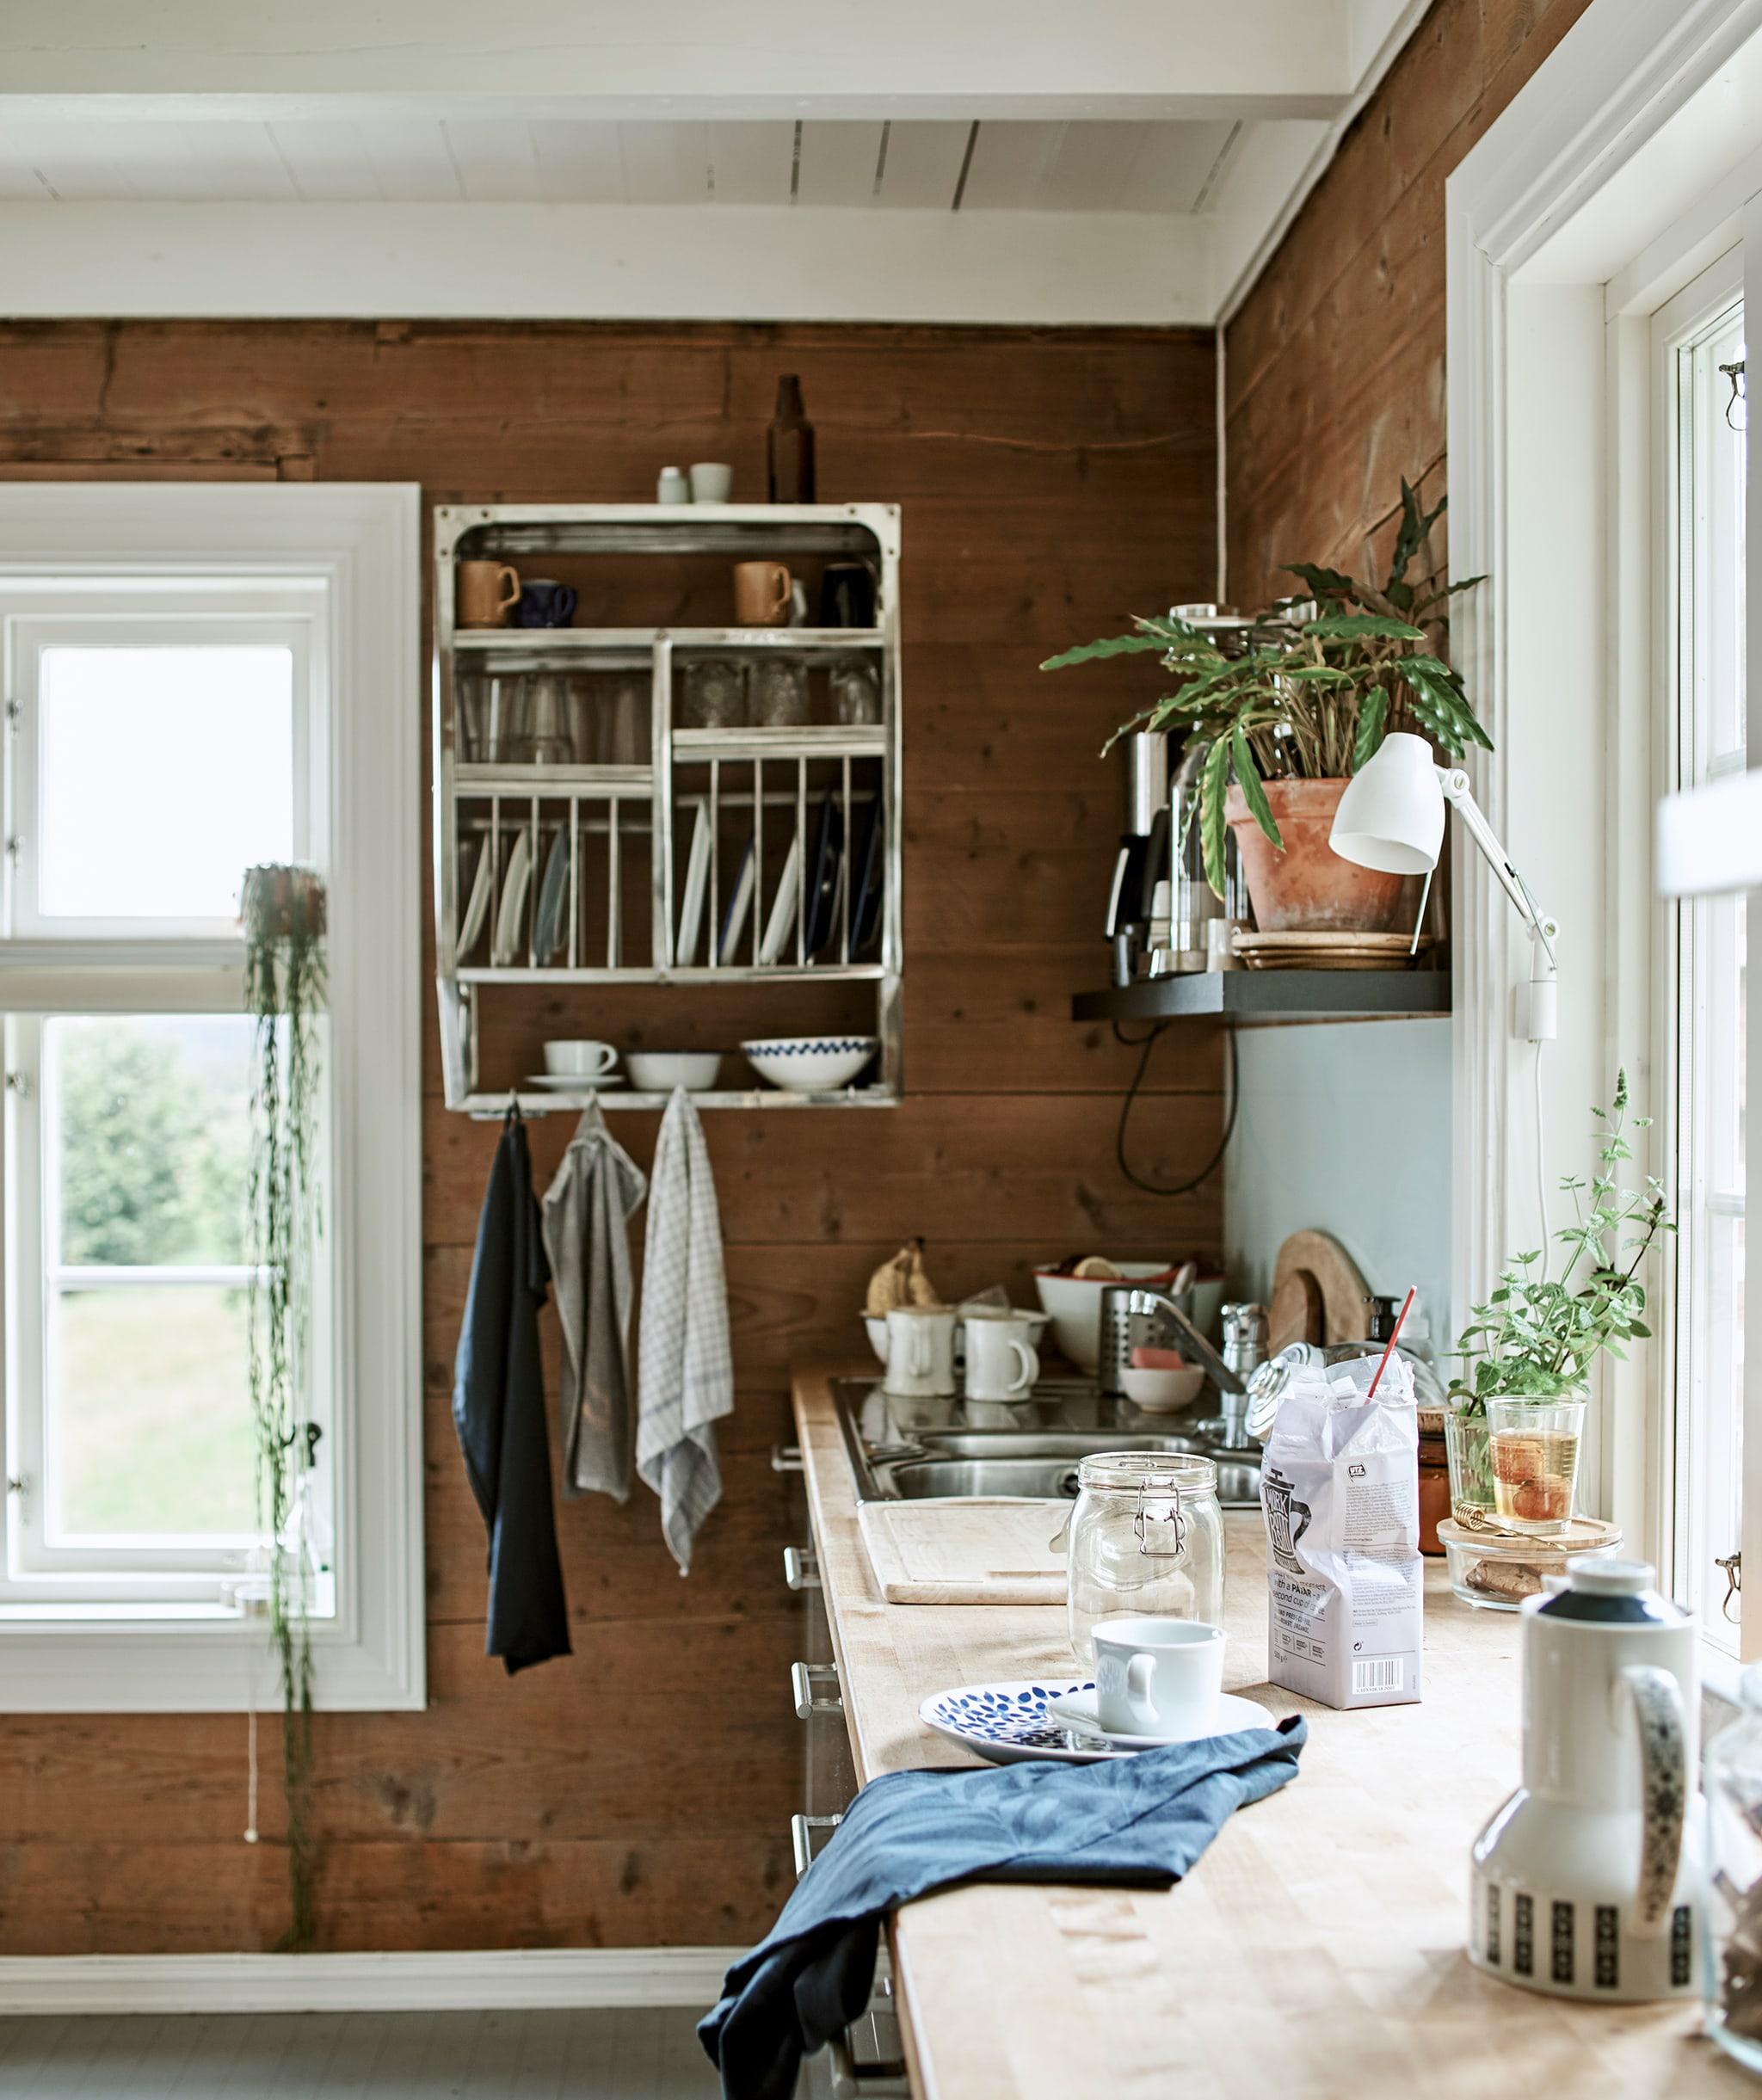 Meja dapur berpanel kayu dengan penyimpanan terbuka serta kabinet dinding bertema industri berisi barang pecah belah.